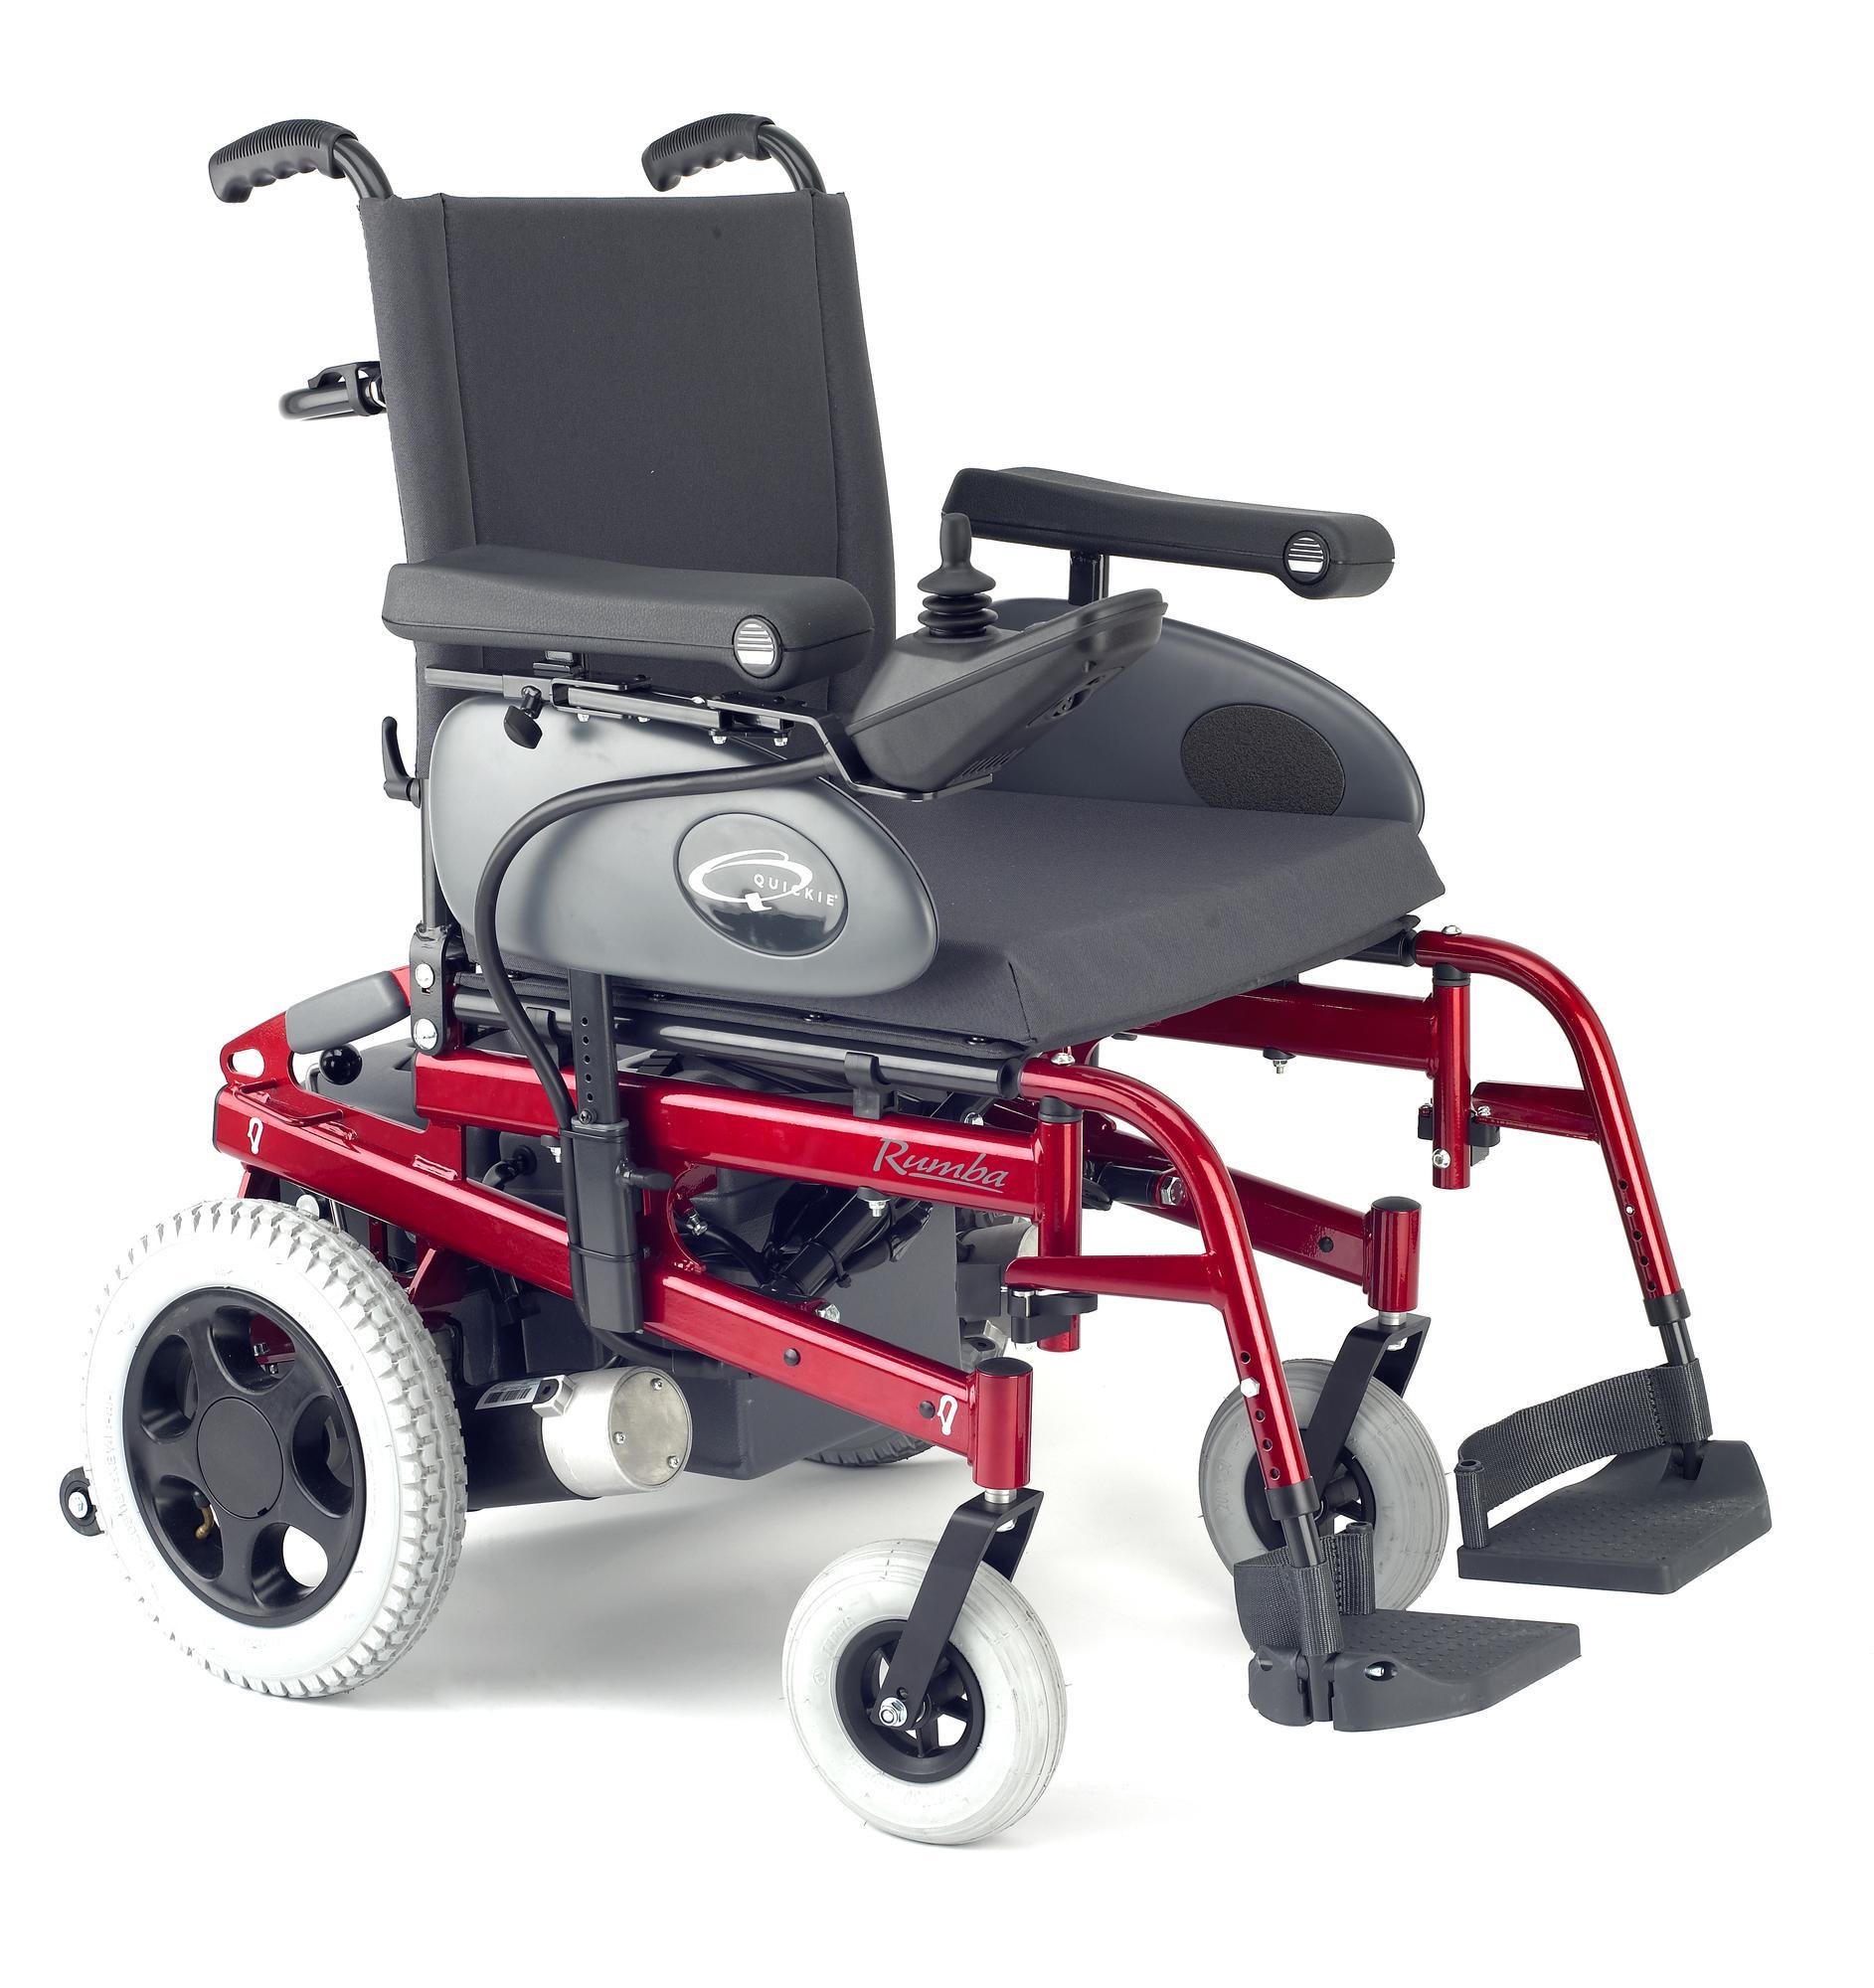 Standard powerchair